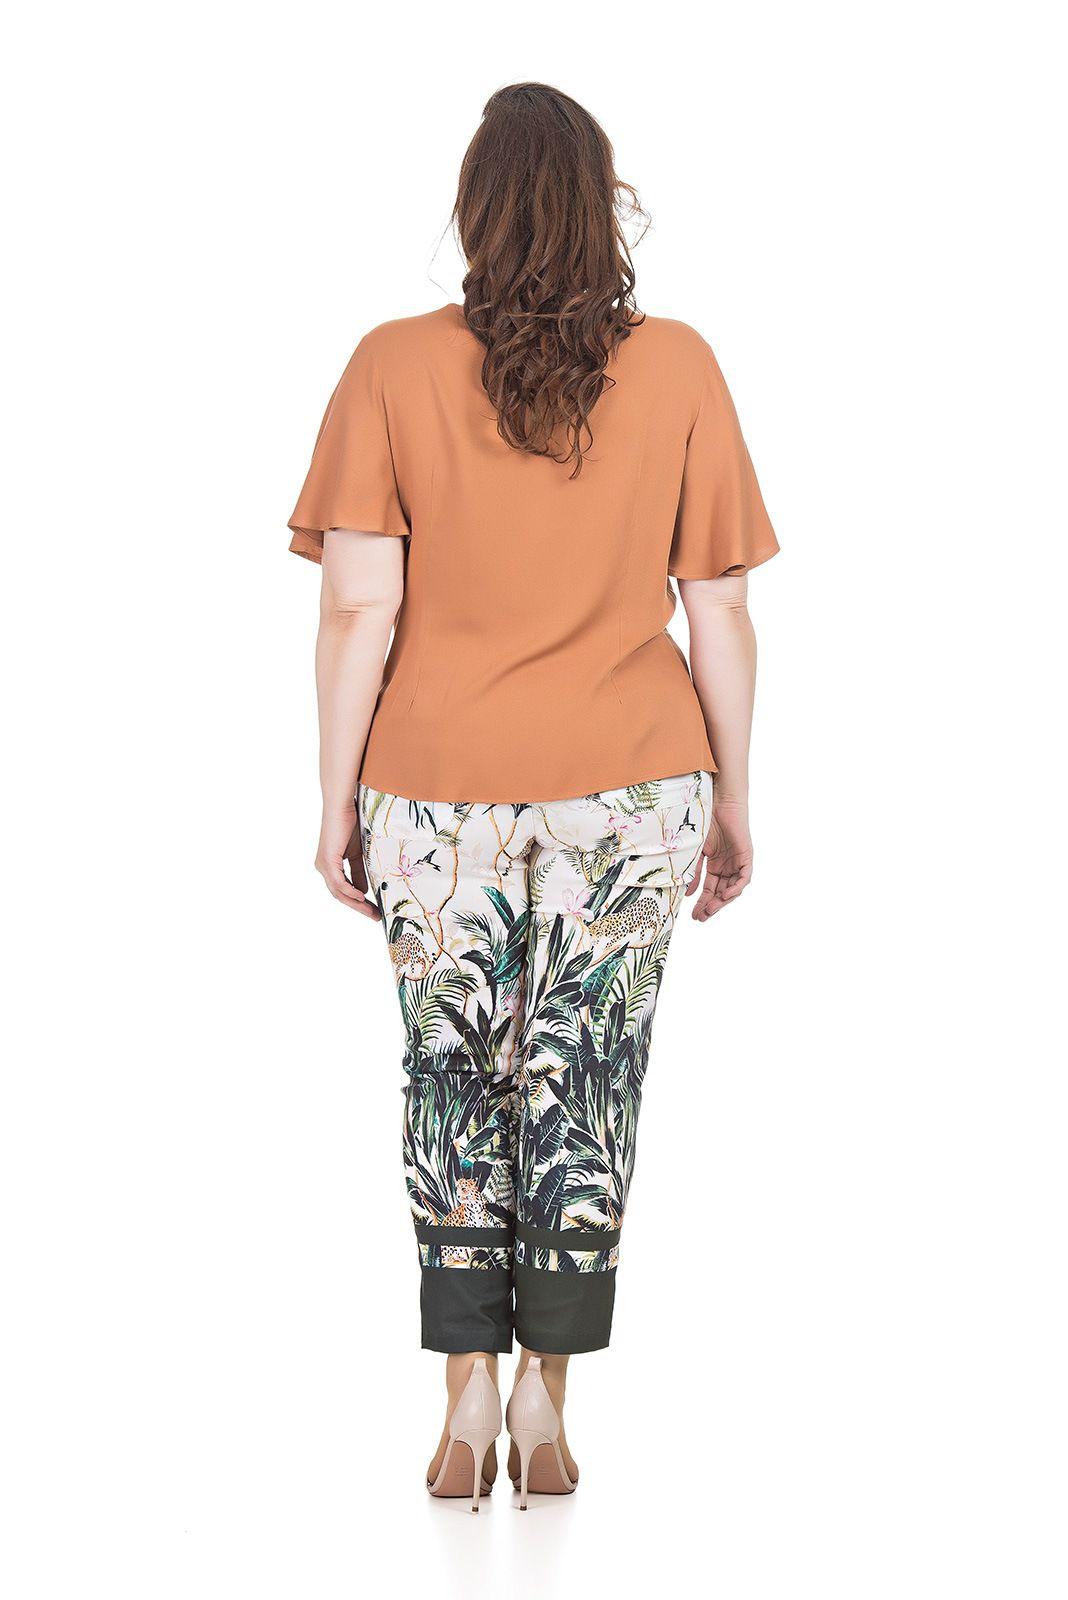 Blusa com amarração, em viscose Plus Size